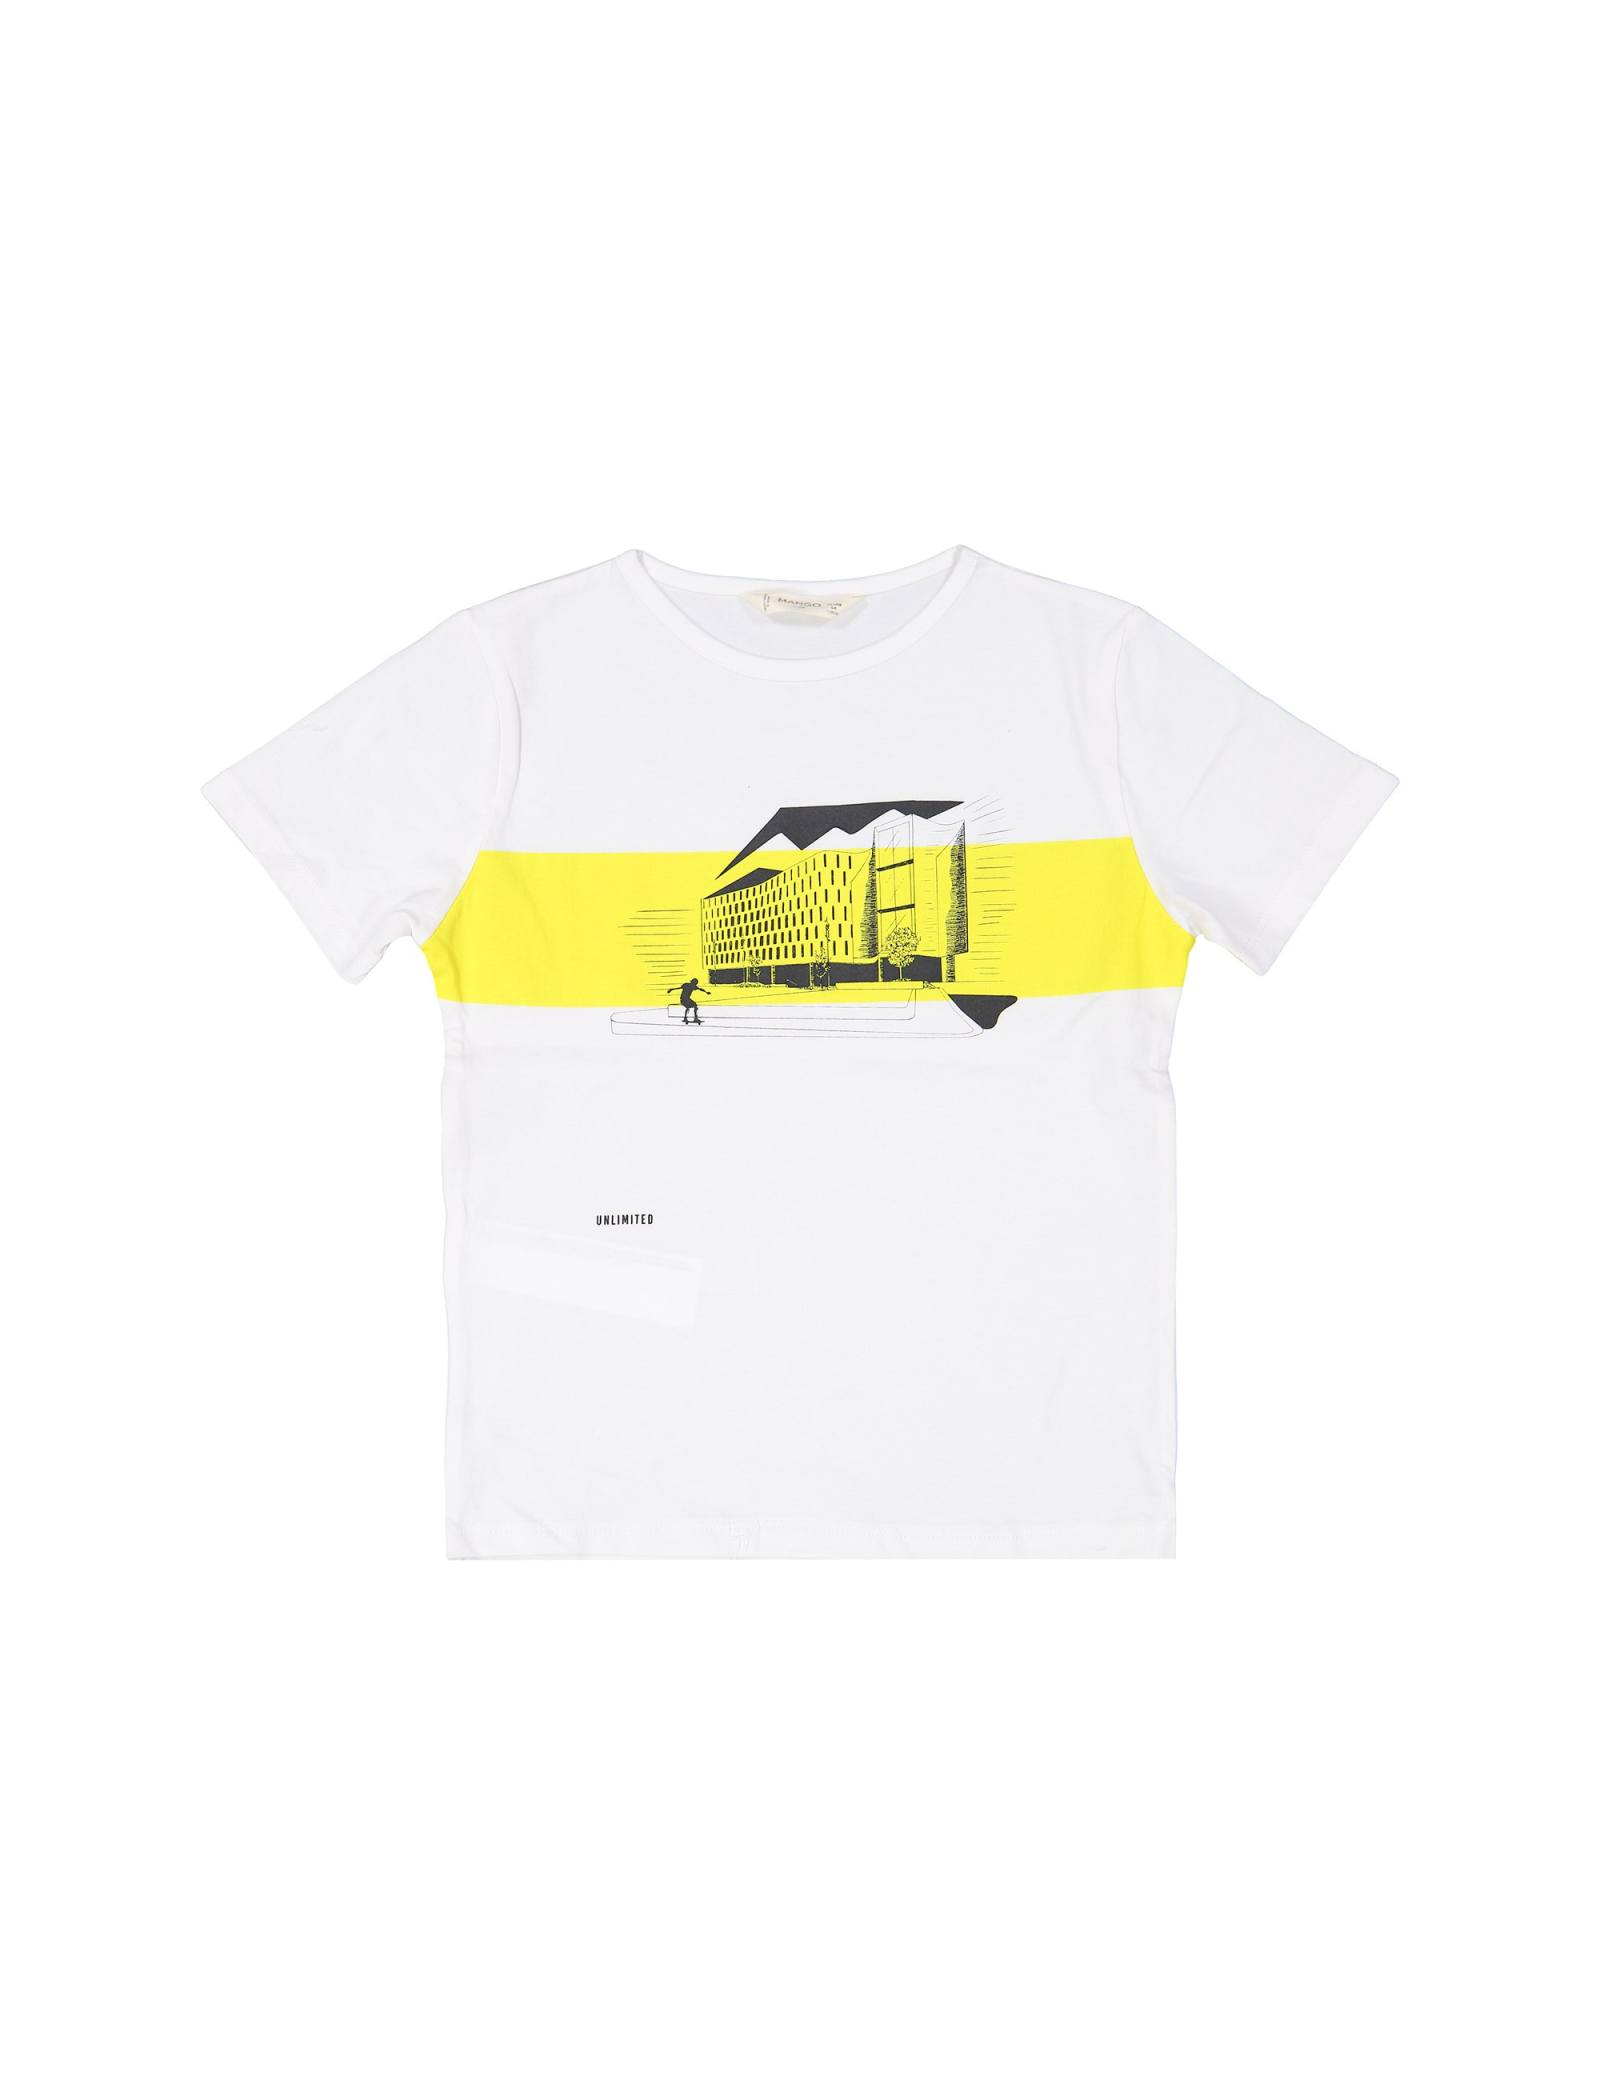 تی شرت نخی یقه گرد پسرانه - مانگو - سفيد - 1